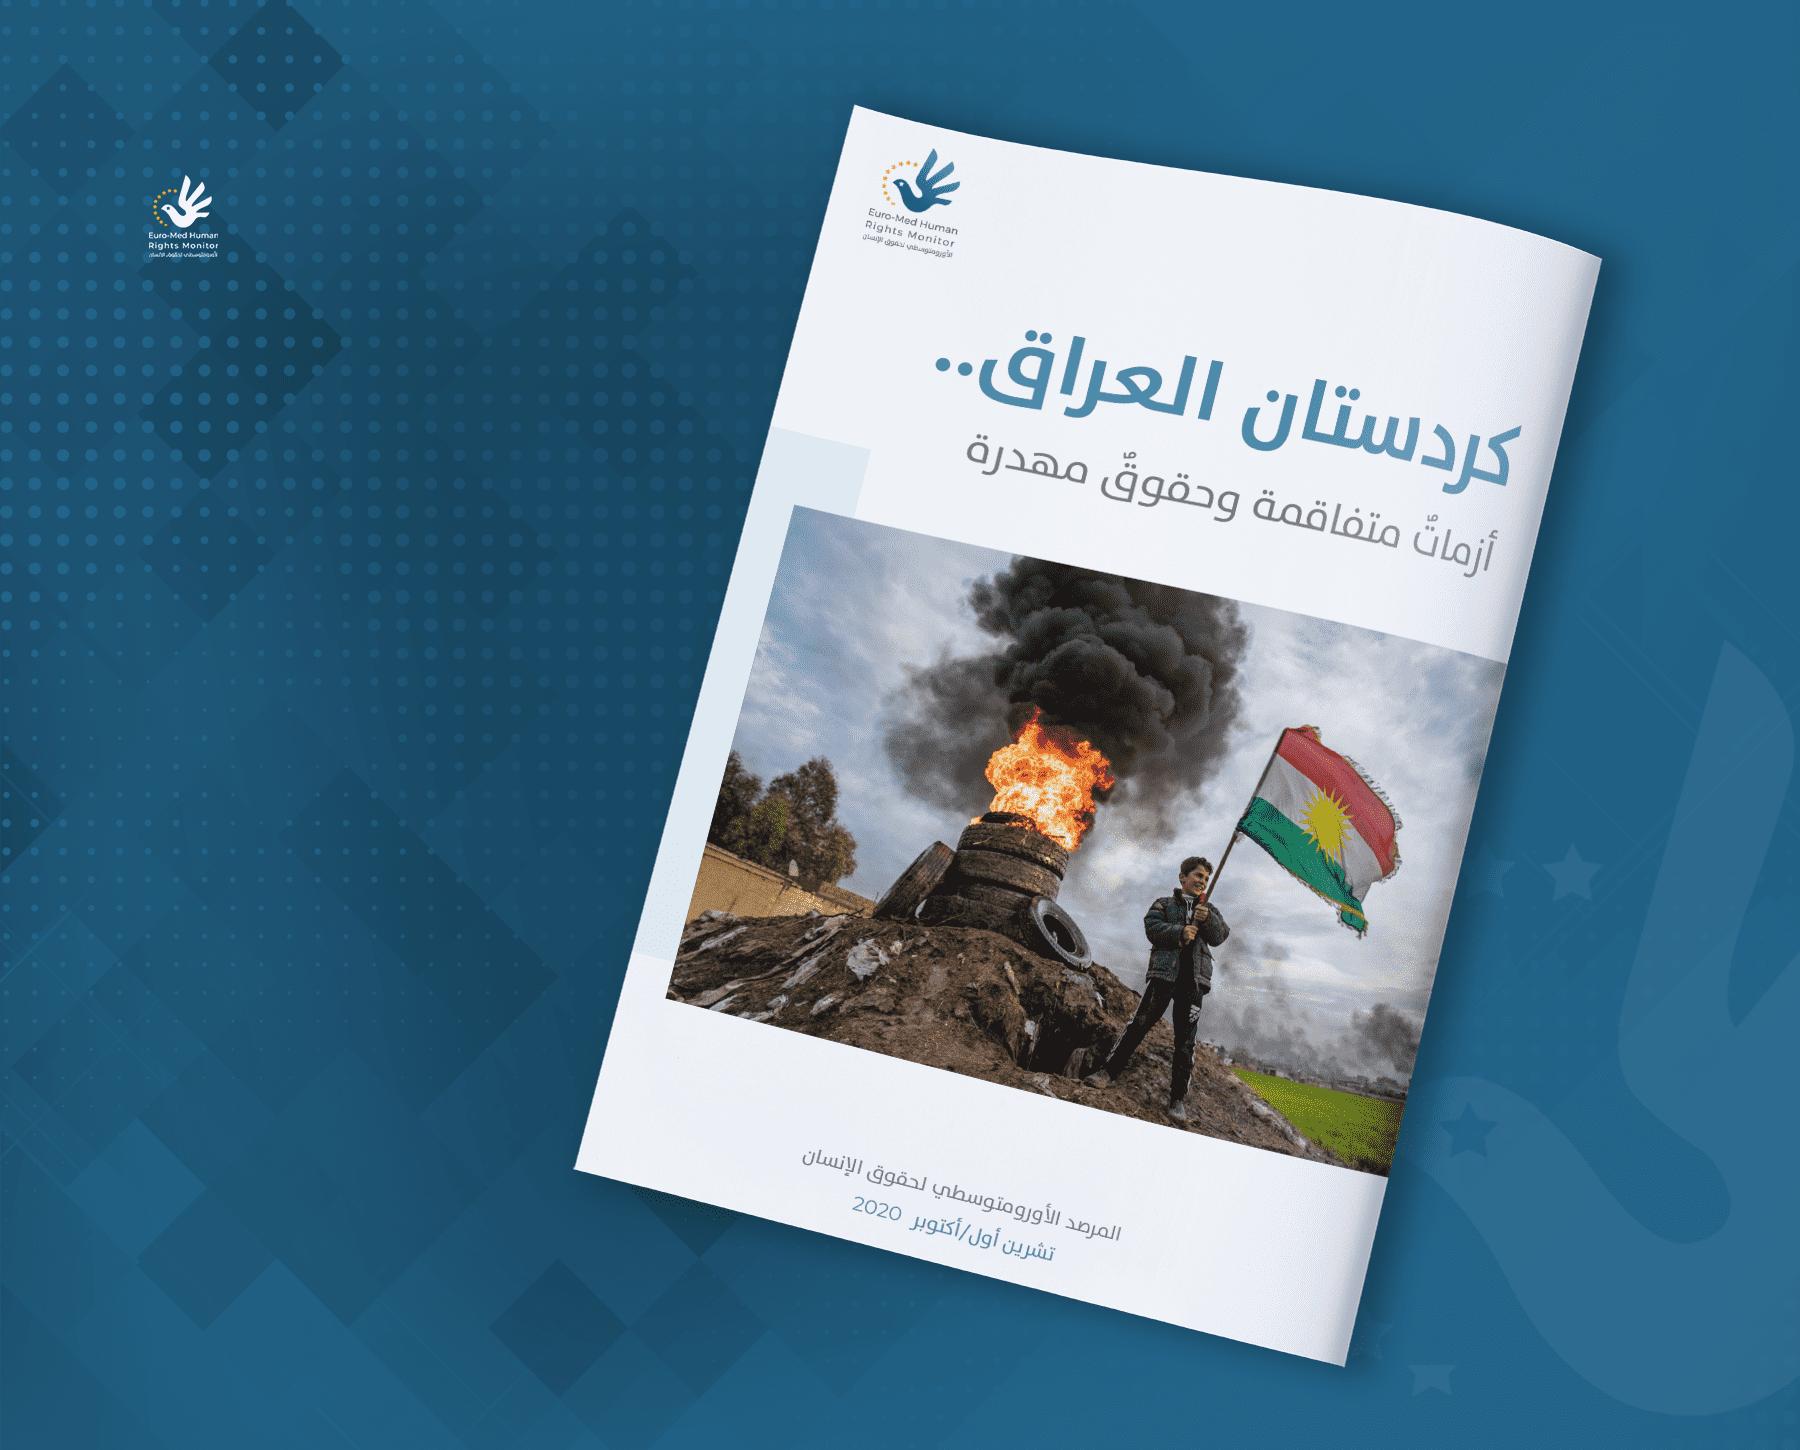 كردستان العراق.. أزماتٌ متفاقمة وحقوقٌ مهدرة